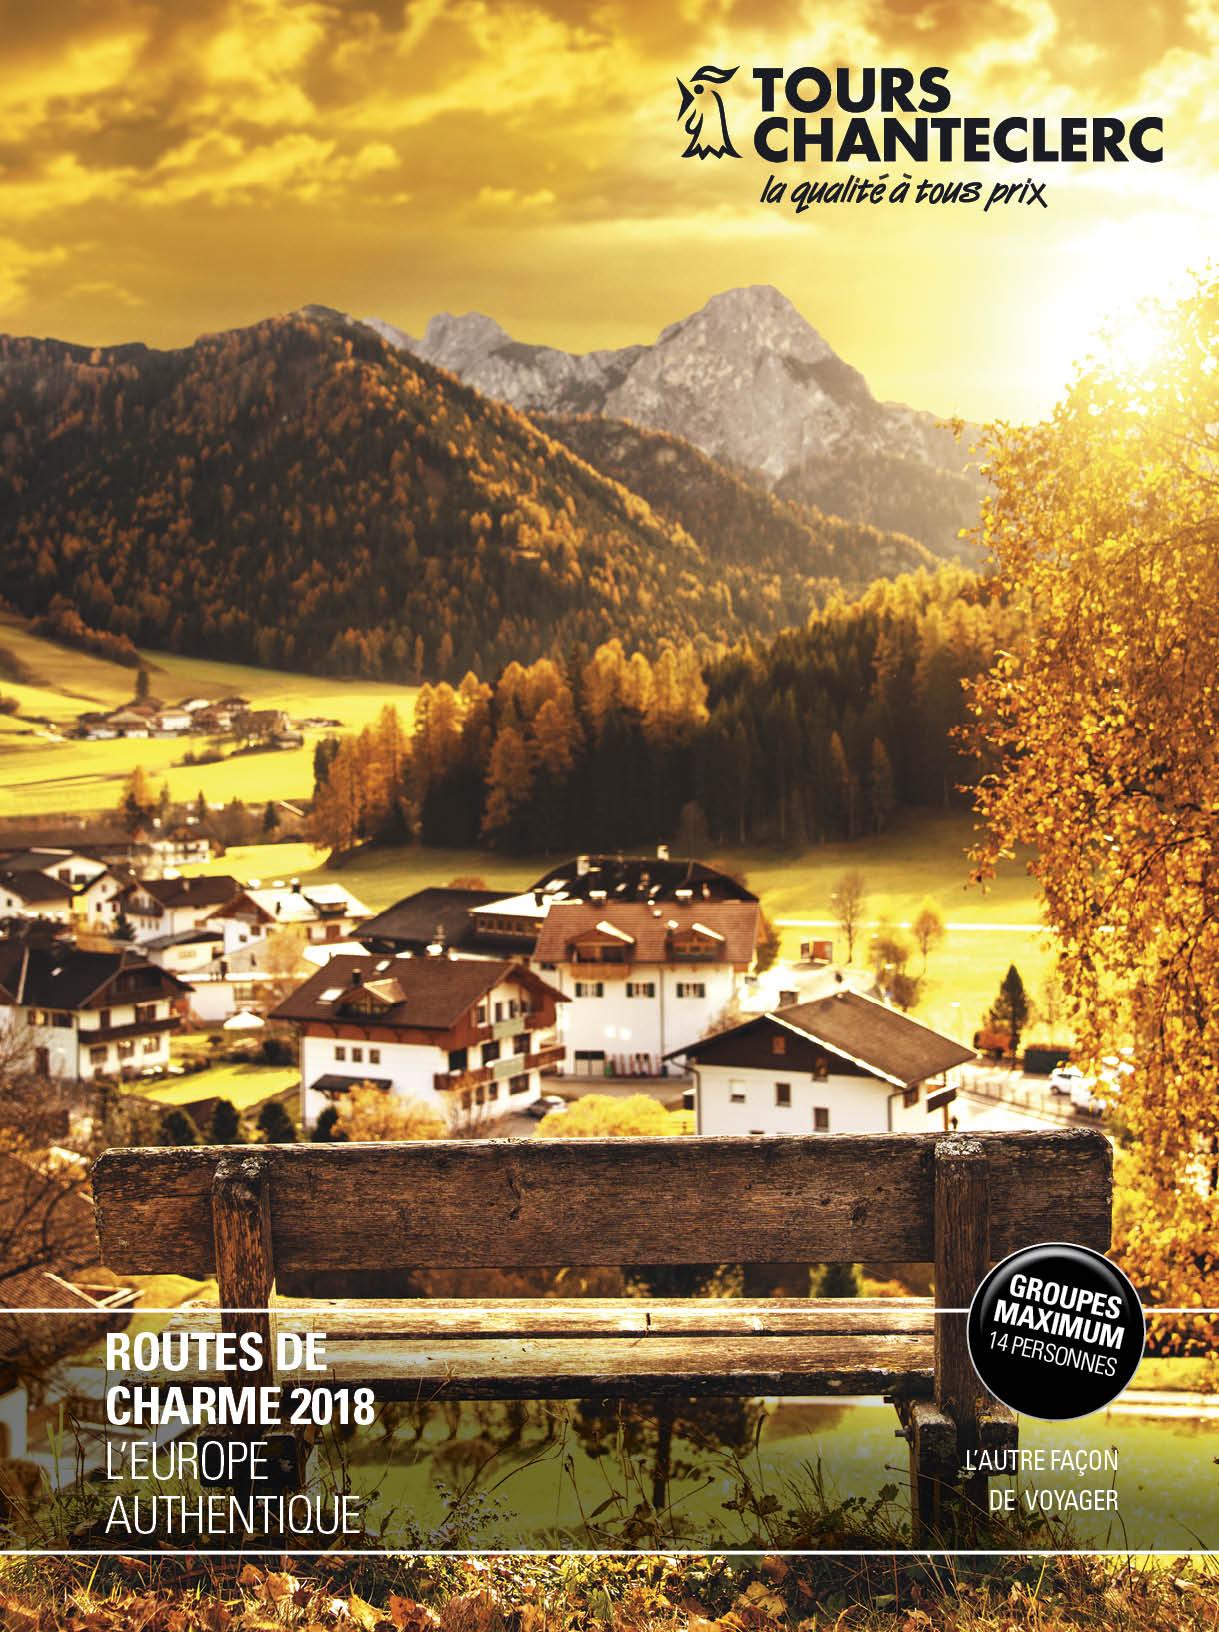 Routes de charme 2018: l'Europe authentique